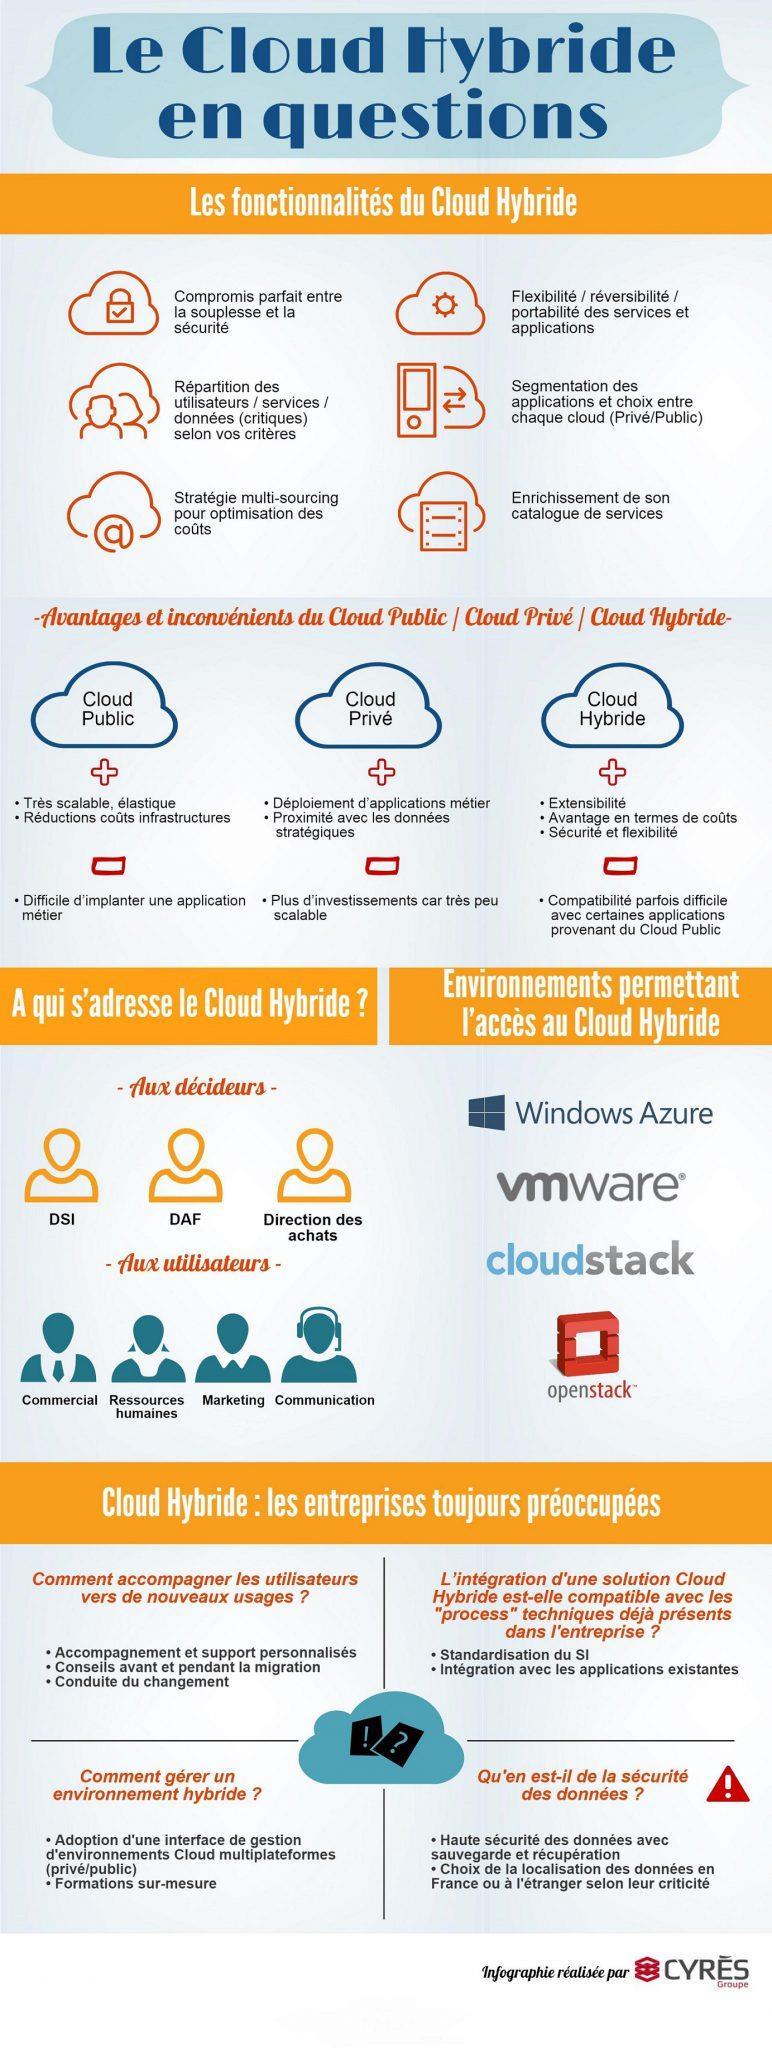 cloud hybride en france avantages inconvénients